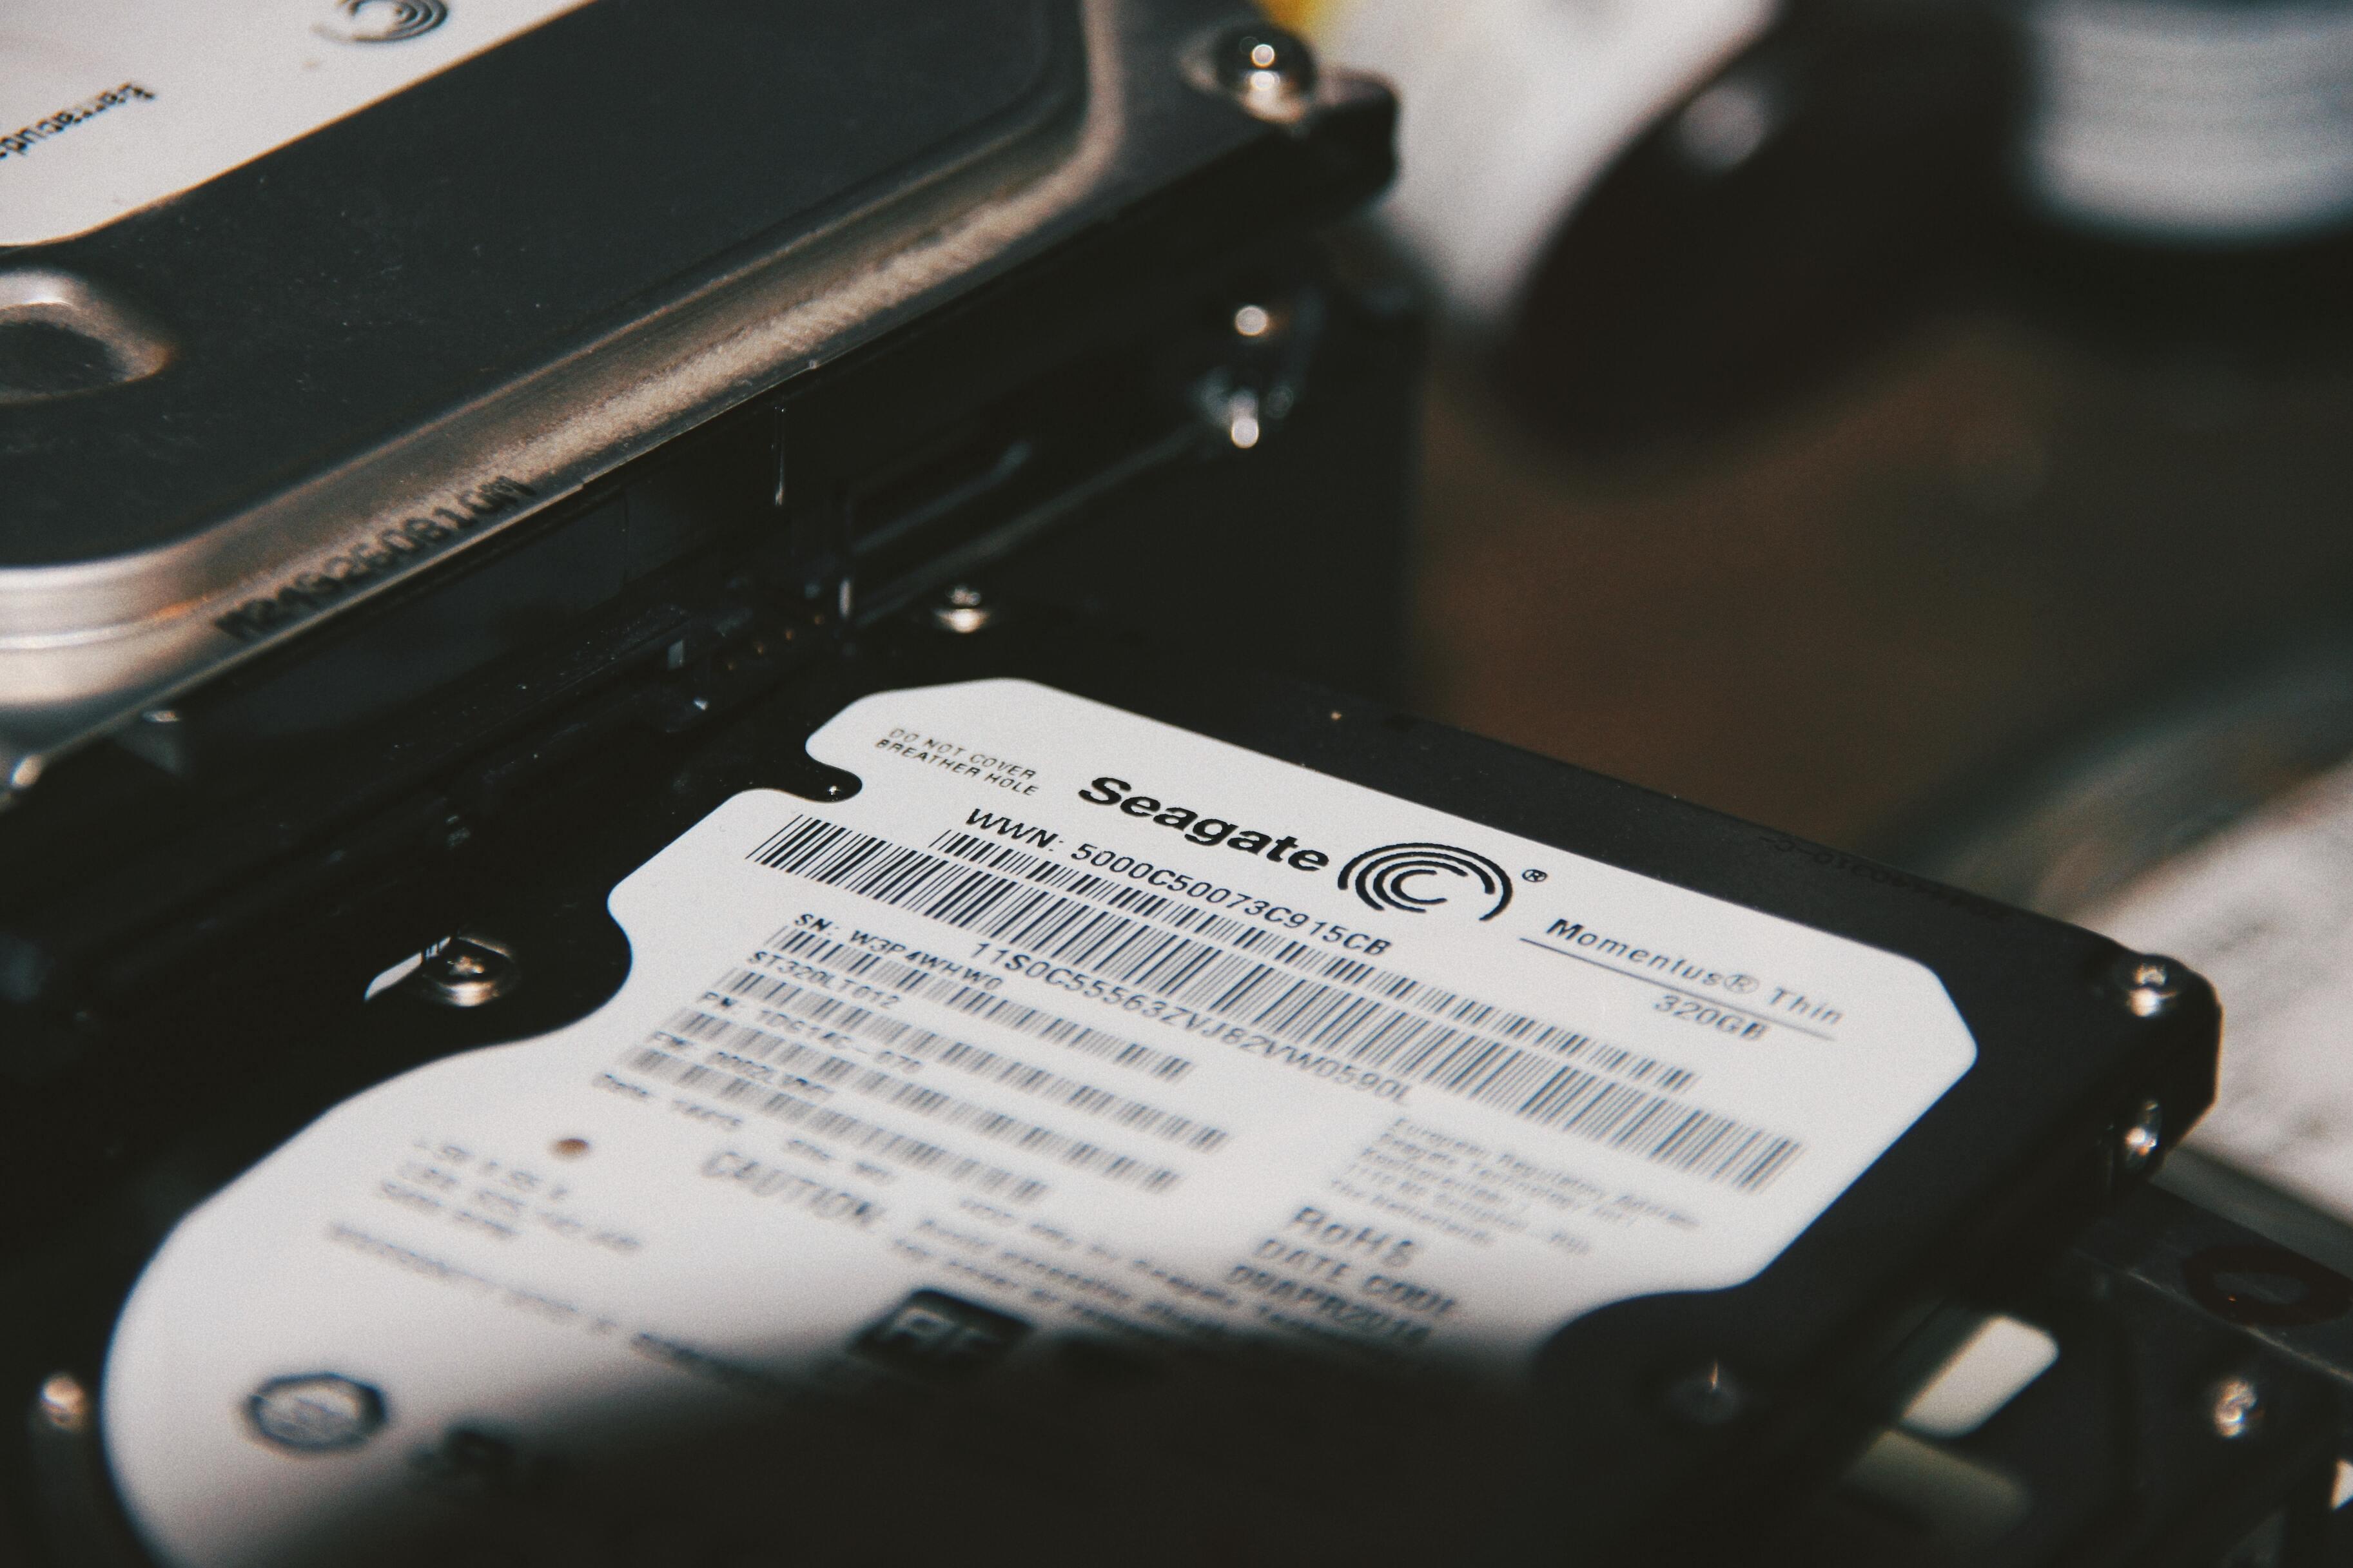 В России в 2-3 раза выросли цены на жёсткие диски